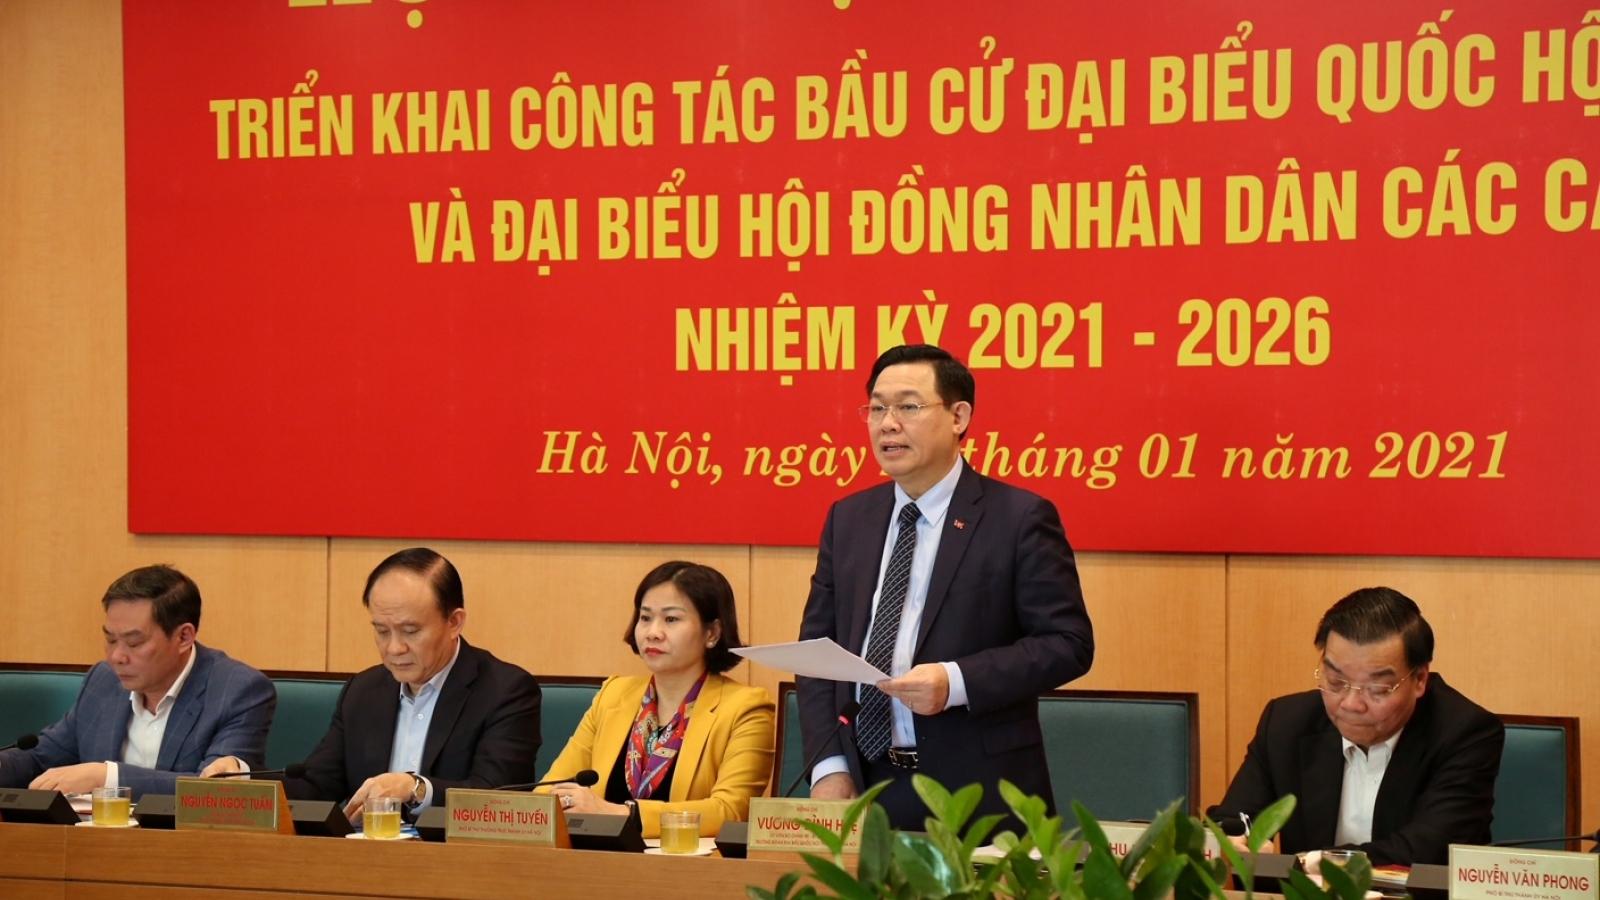 Hà Nội mở đợt cao điểmtuyên truyền về bầu cử đại biểu Quốc hội và HĐND các cấp